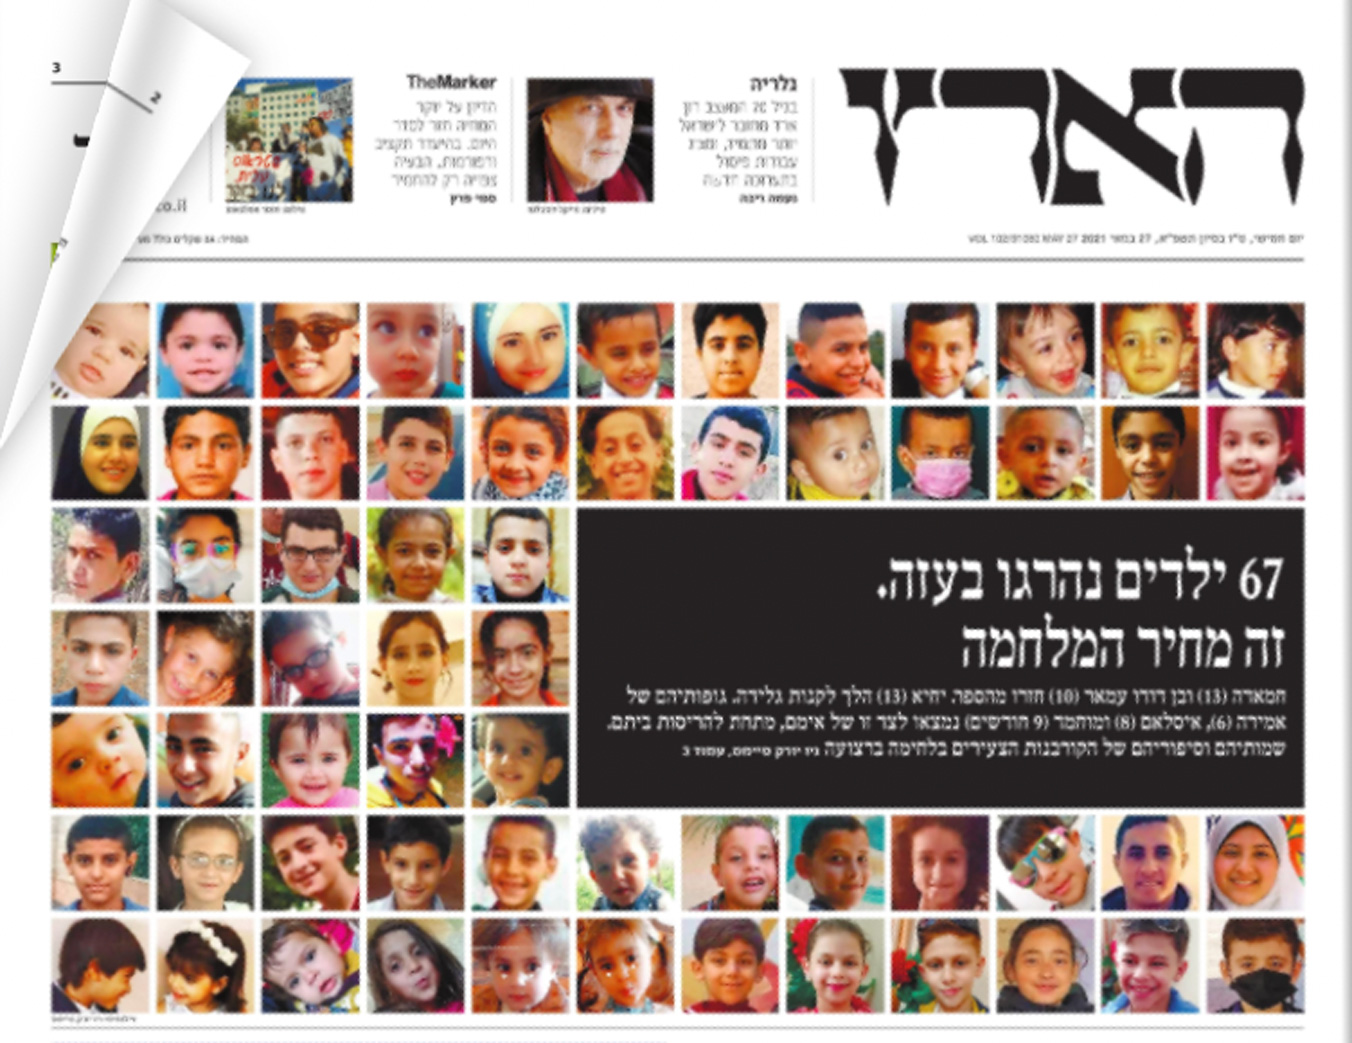 Η ισραηλινή Χααρέτζ βγήκε με πρωτοσέλιδο τα 67 παιδιά που σκοτώθηκαν στη Γάζα